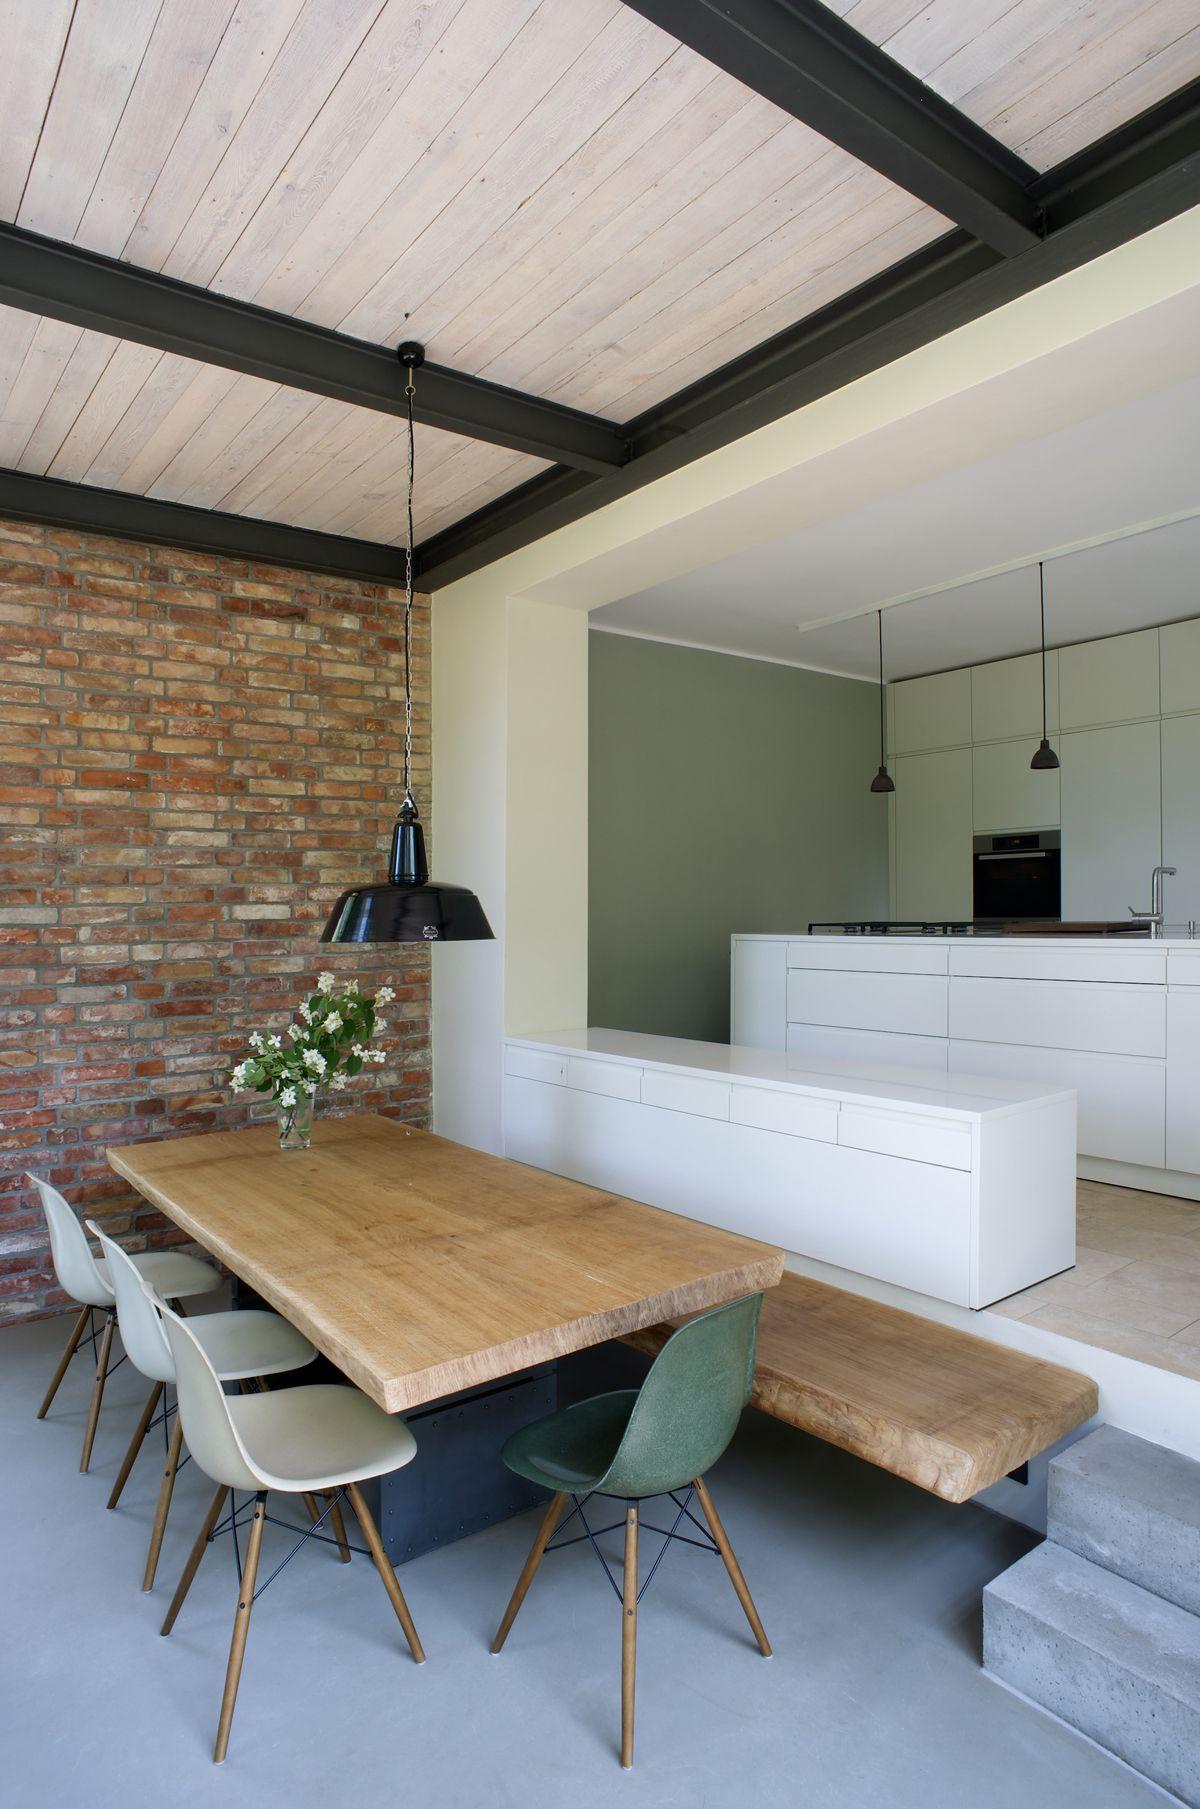 Essbereich mit Höhensprung als Bank - Anbau Esszimmer, Küche an Siedlerhaus 30er Jahre #ikeagalleykitchen